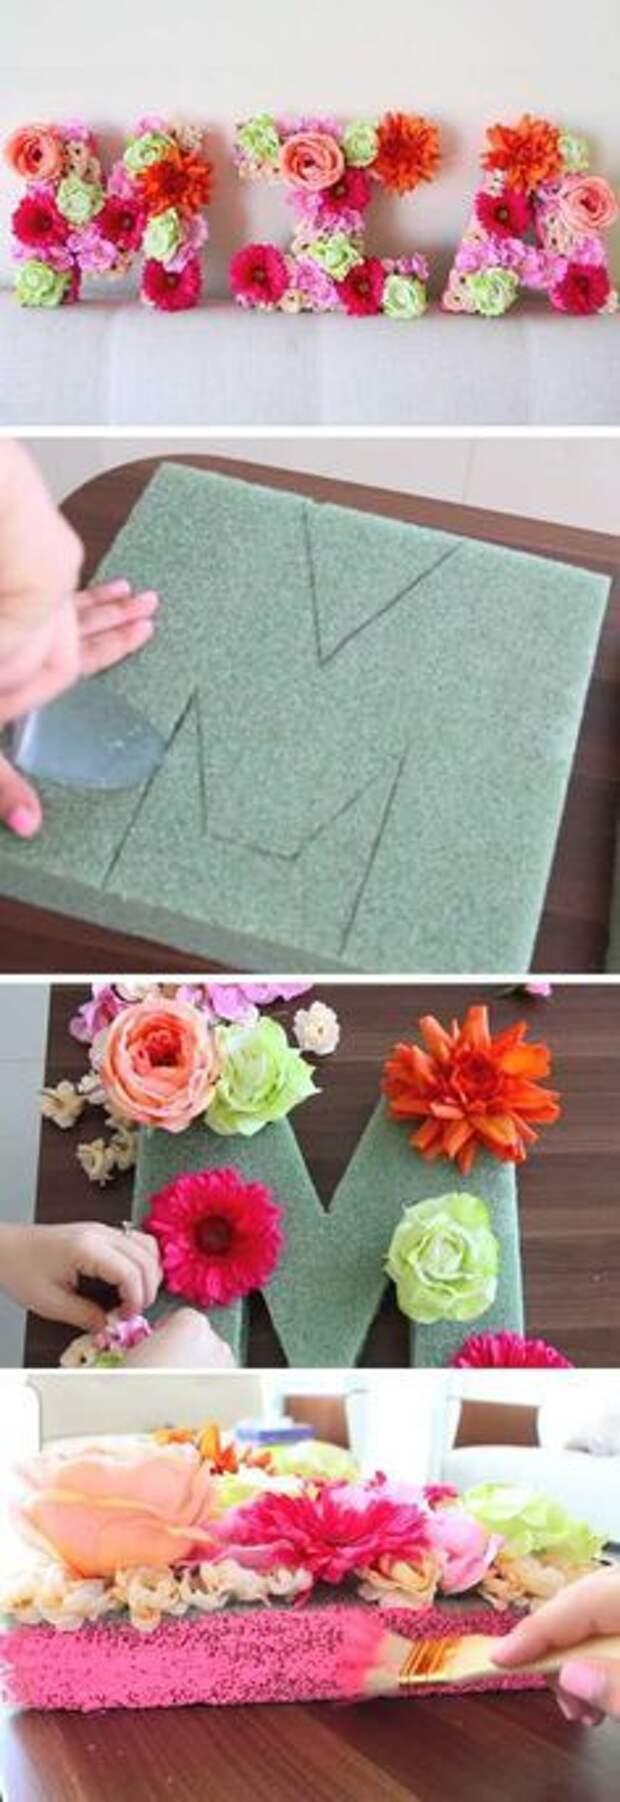 Цветочные слова (diy подборка)